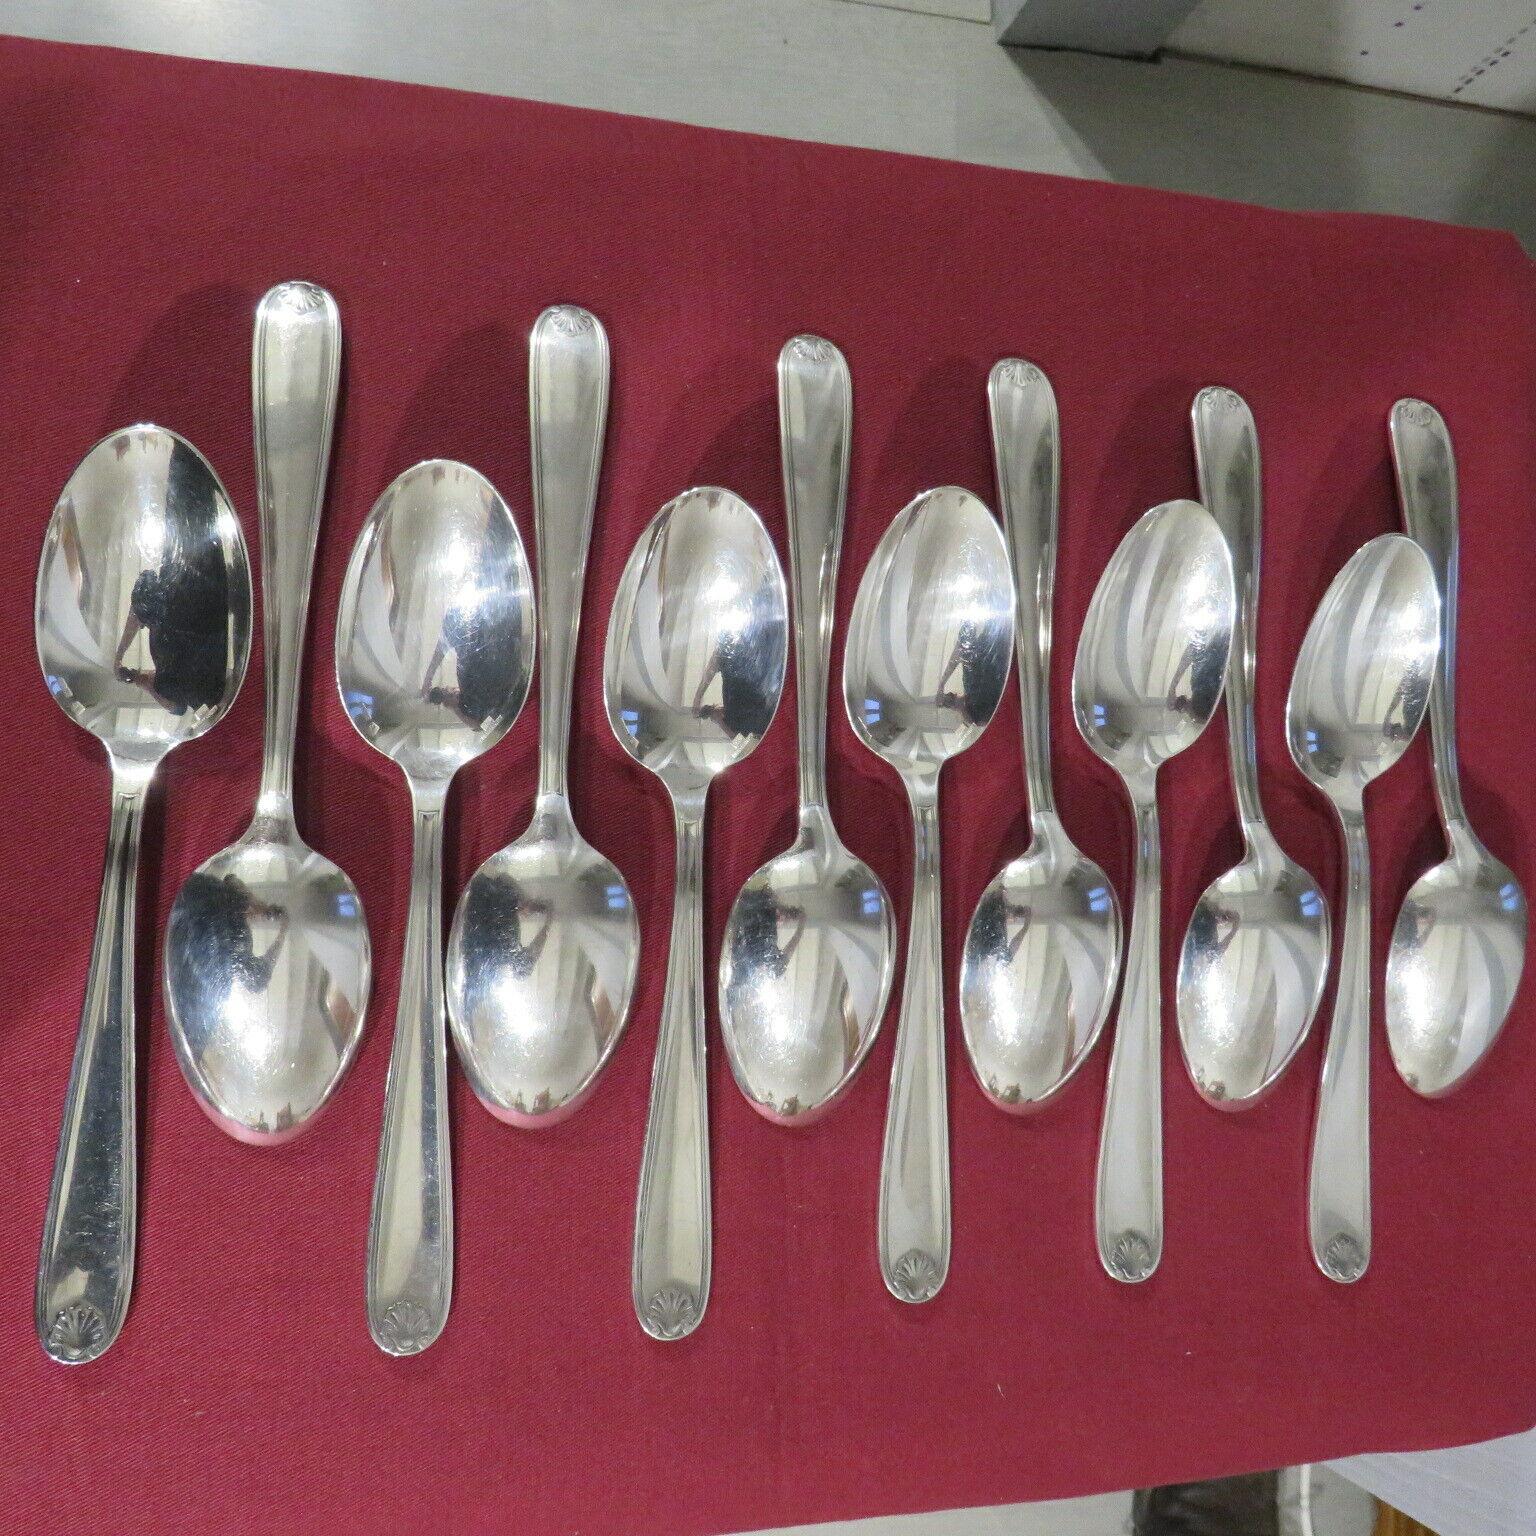 Christofle 12 Cucchiai Da Zuppa Metallo Argentato Modello Conchiglia Berain 4